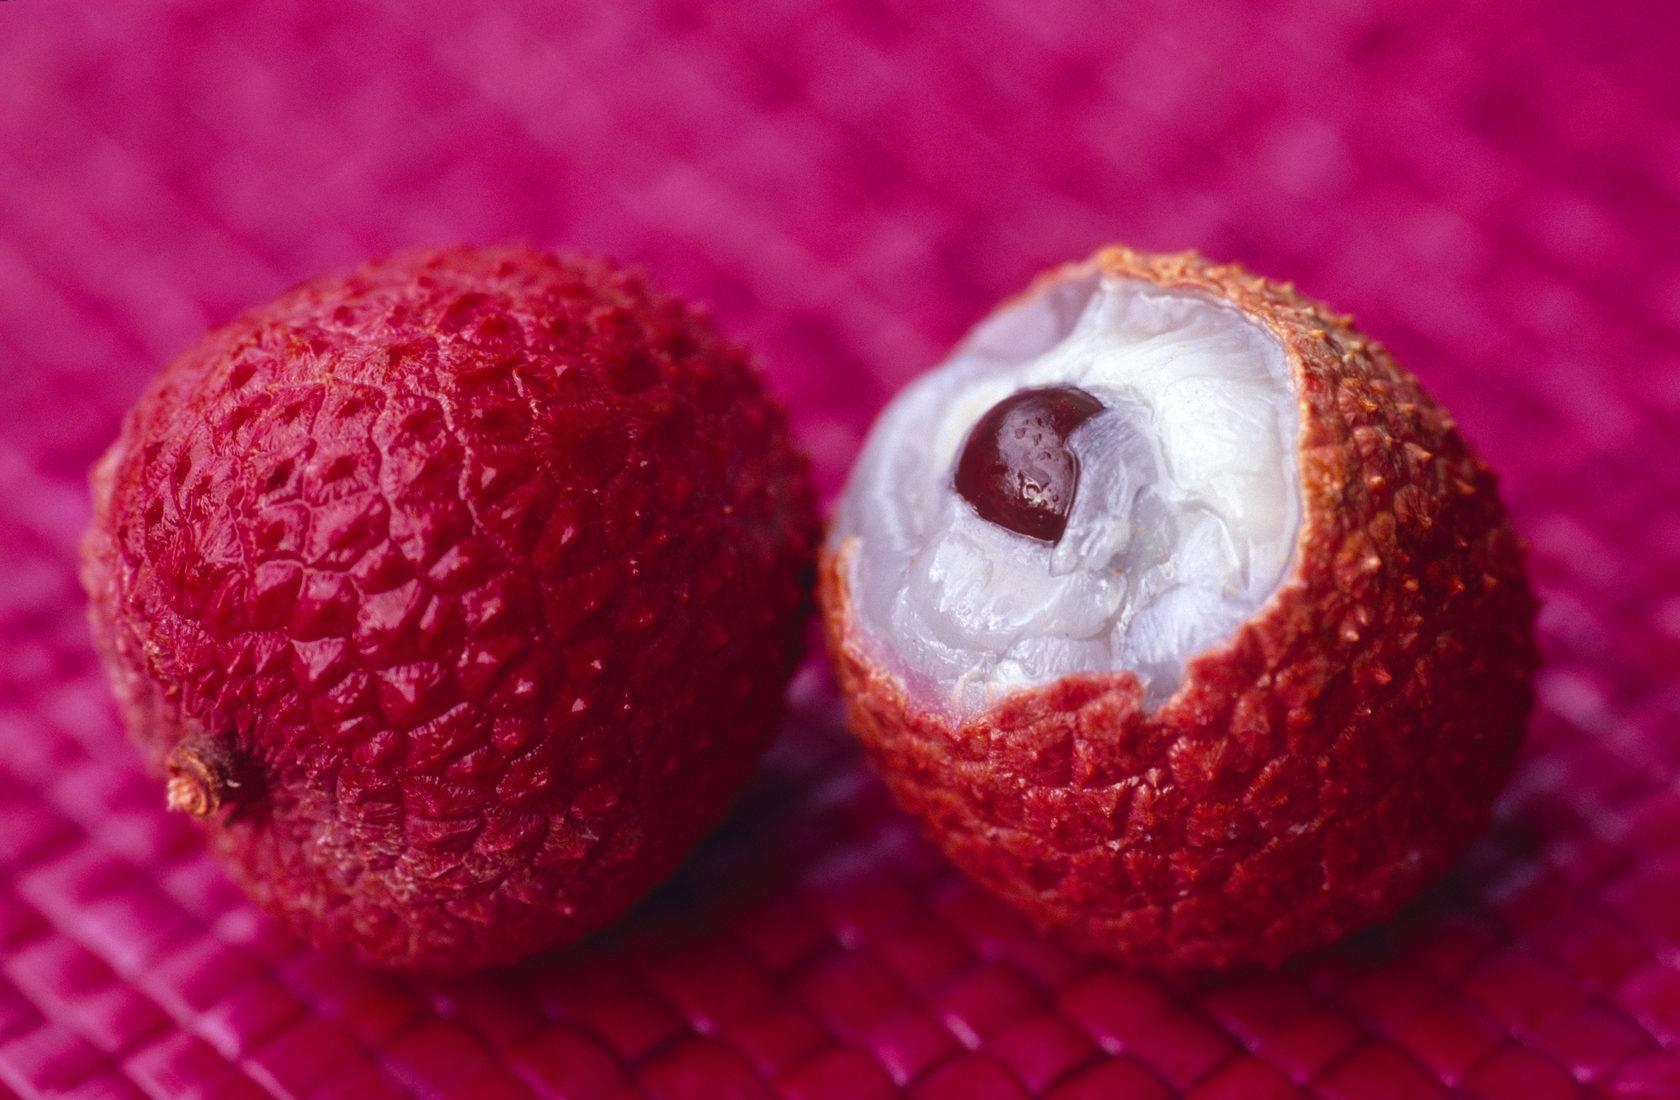 Личи фрукт: полезные свойства и кому его есть нельзя